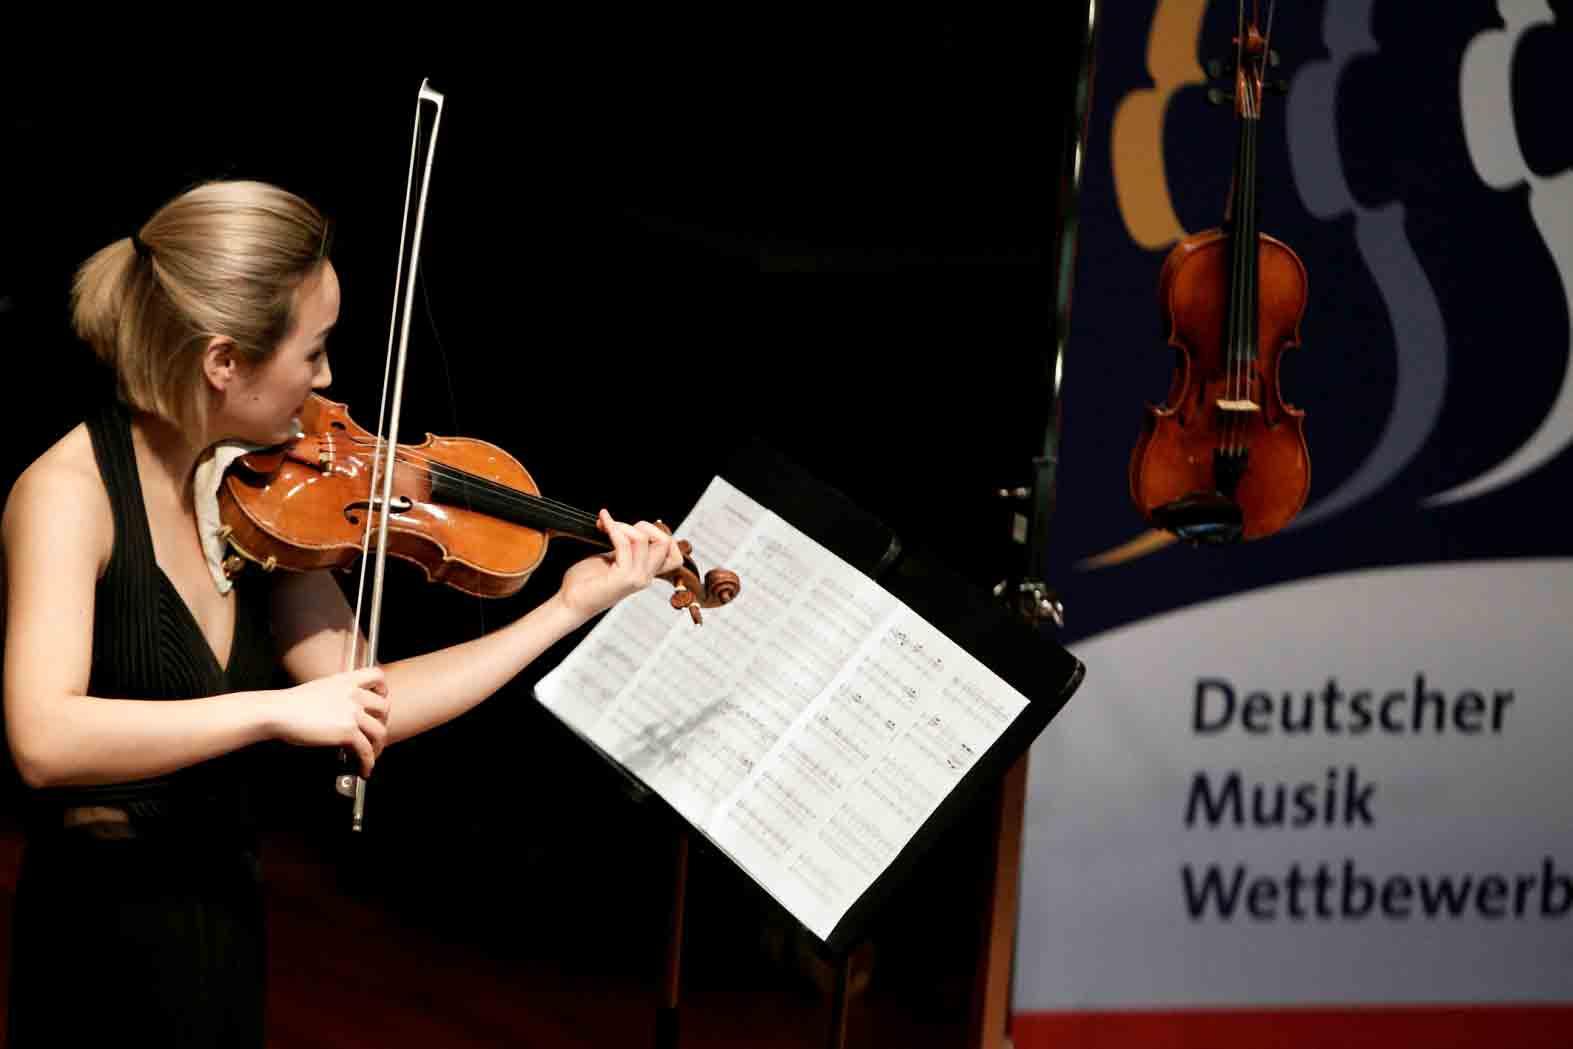 Deutscher Musikwettbewerb 2018 in der Redoute in Bonn-Bad Godesberg.